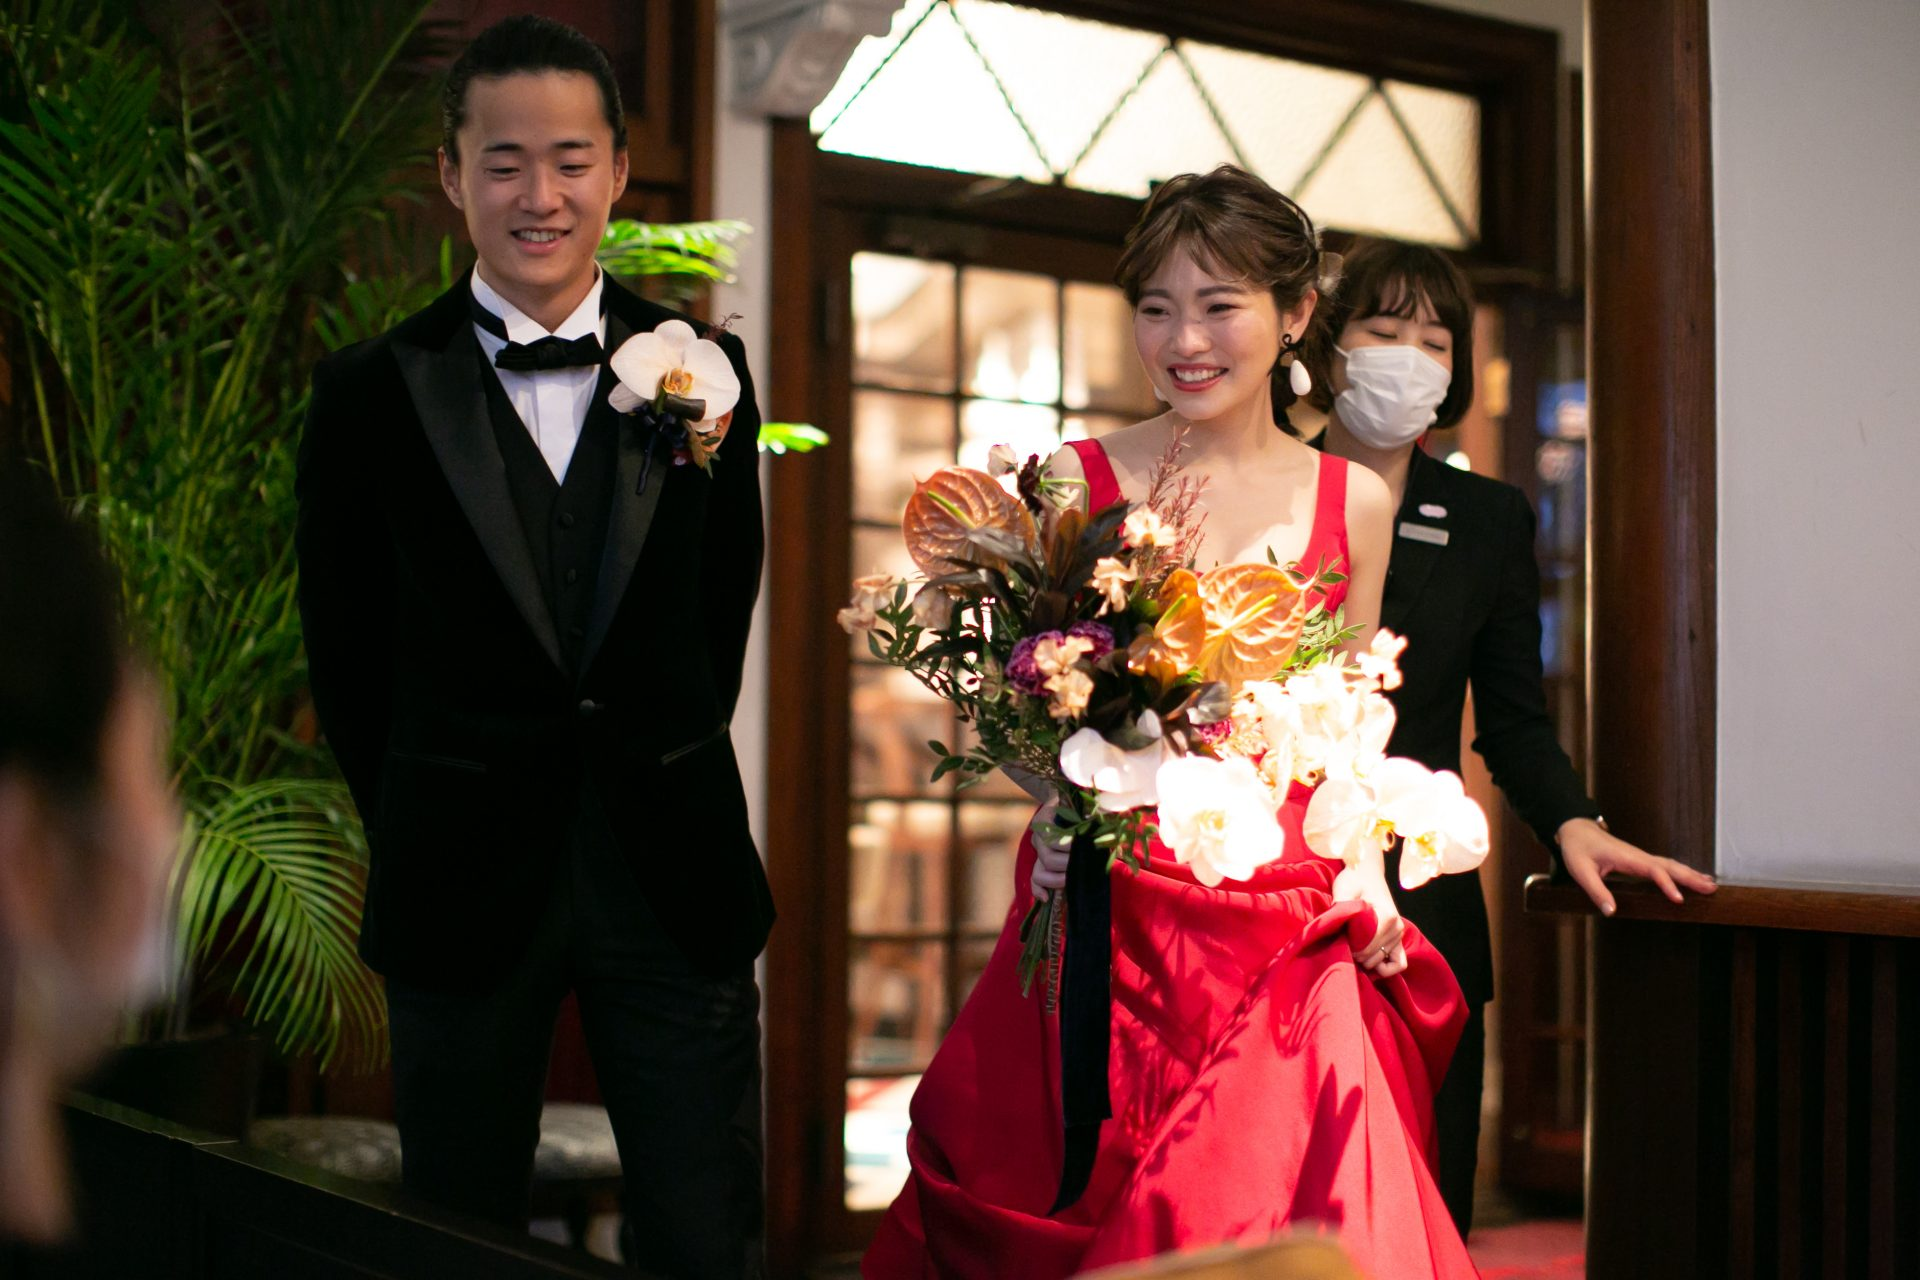 魅力的な赤のカラードレスでお色直し入場をされるご新婦様